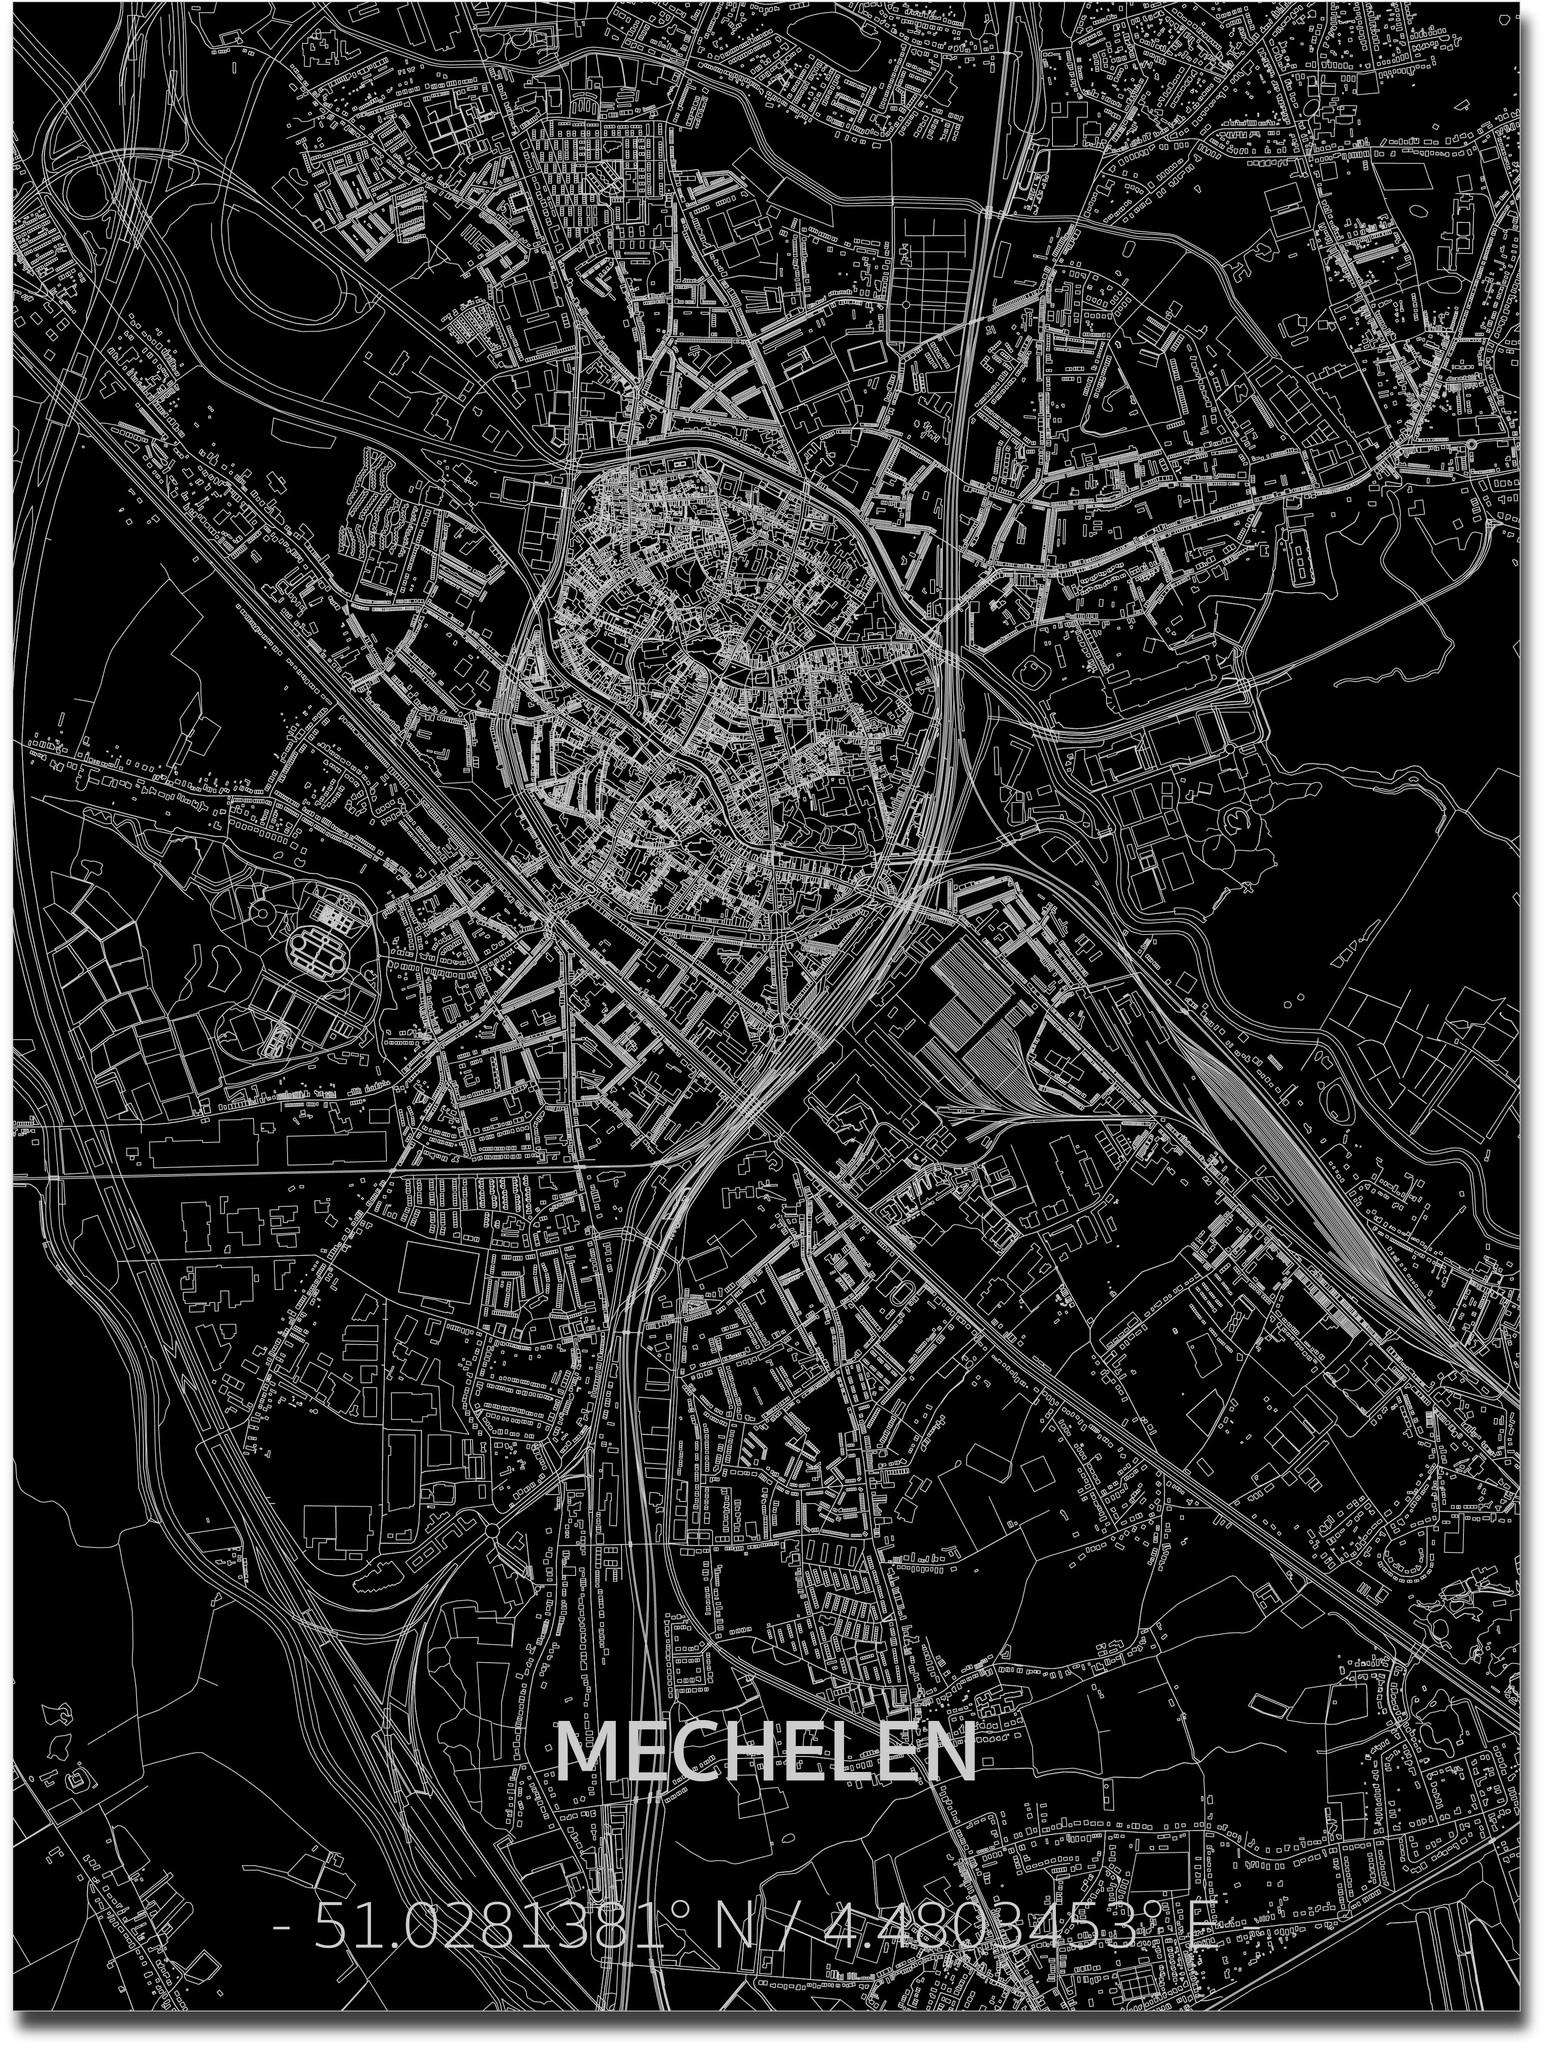 Citymap Mechelen | Aluminum wall decoration-1